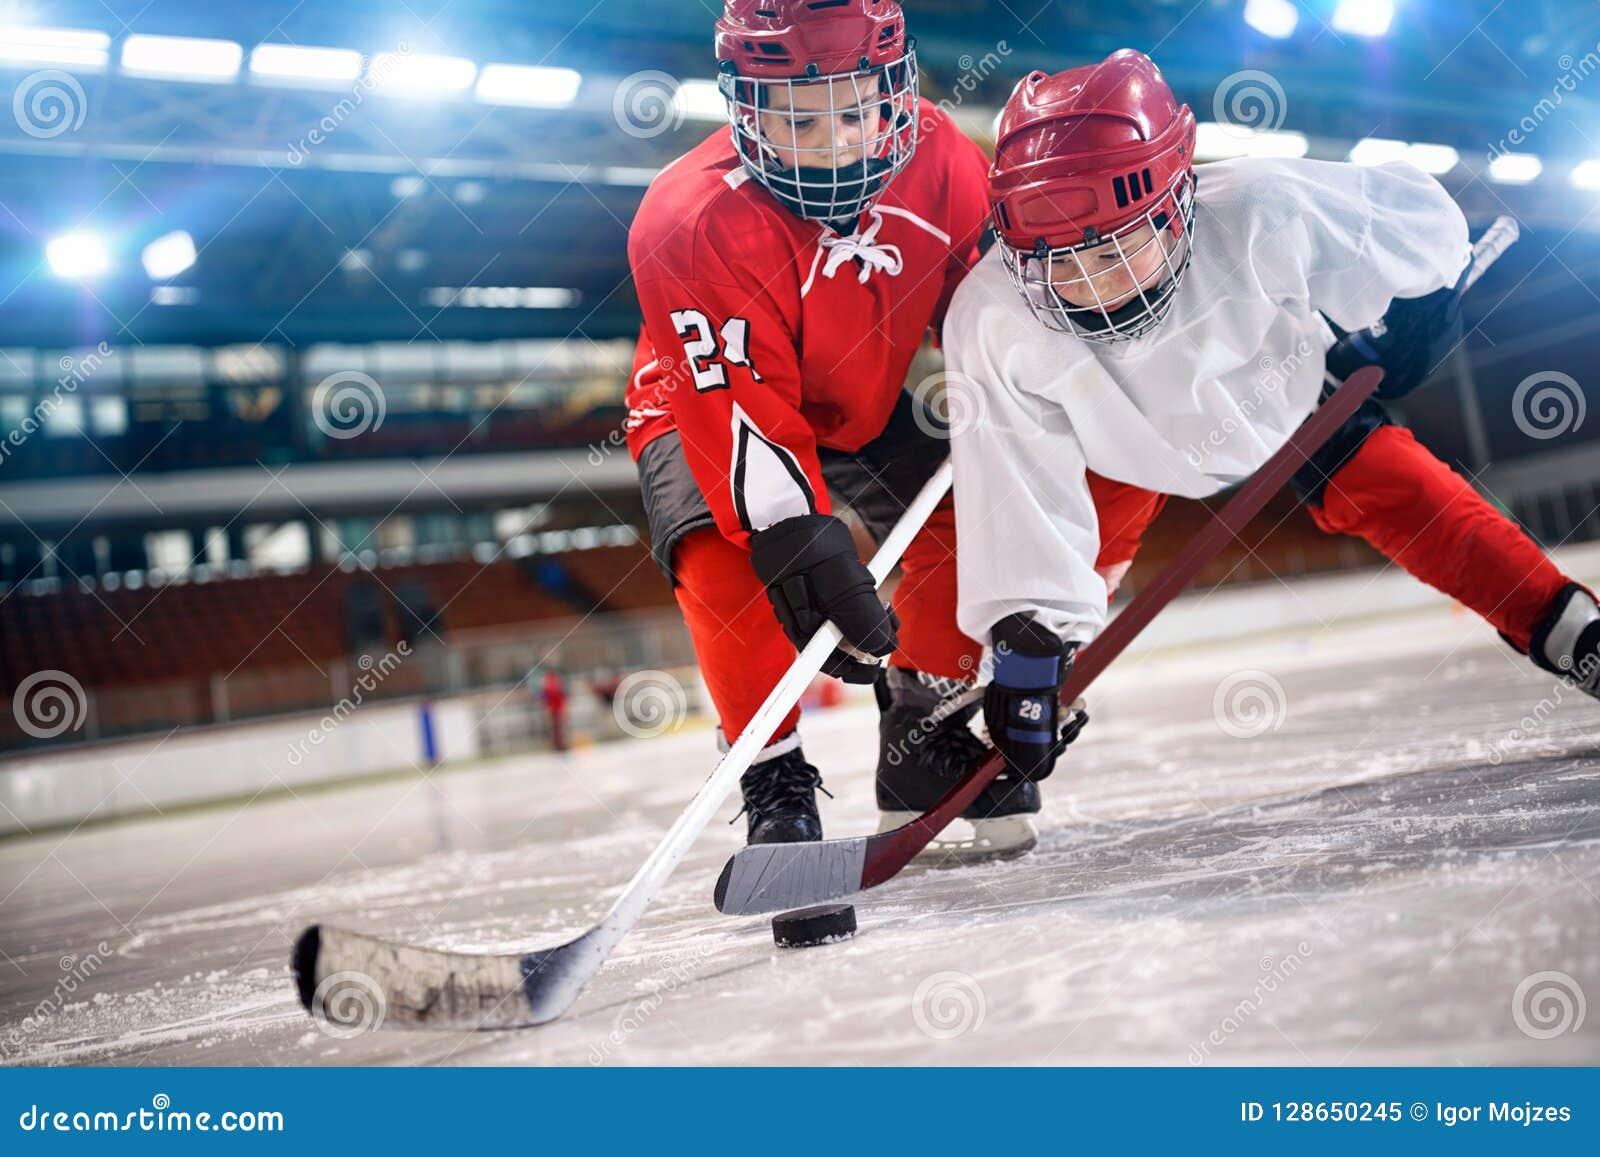 Dziecka gracz w hokeja obchodzi się krążek hokojowego na lodzie